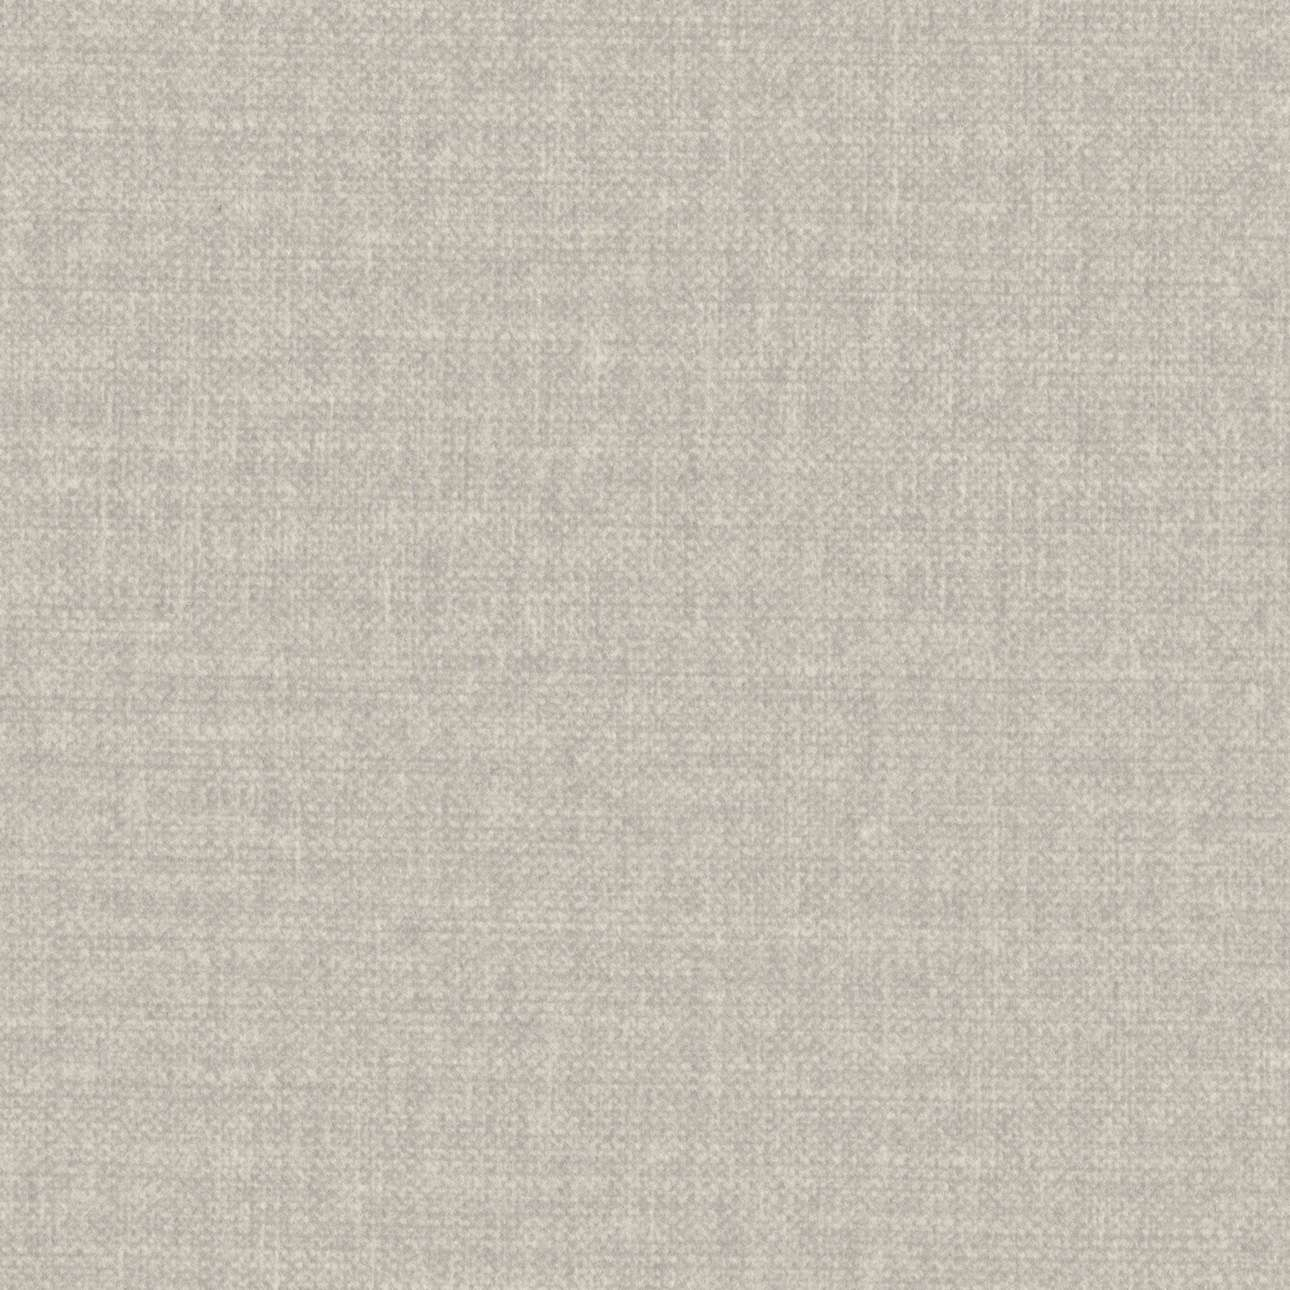 Ławka natural w kolekcji Ingrid, tkanina: 705-40